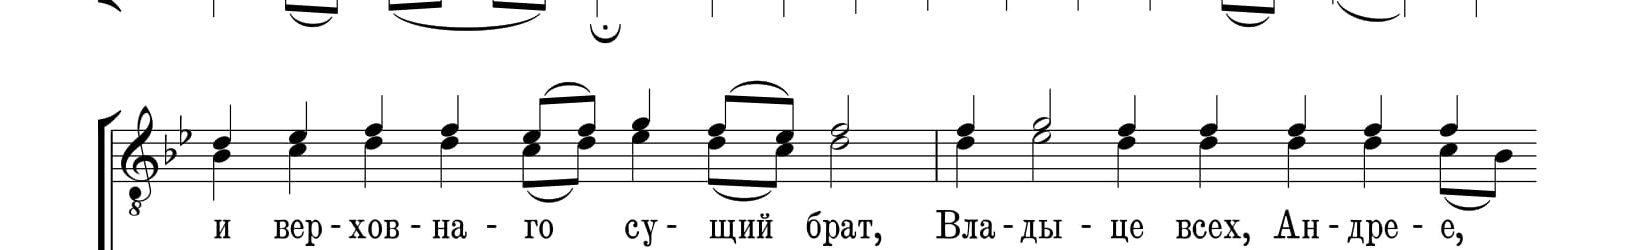 Тропарь ап. Андрею (Греческий распев, изложение и. Афанасия)